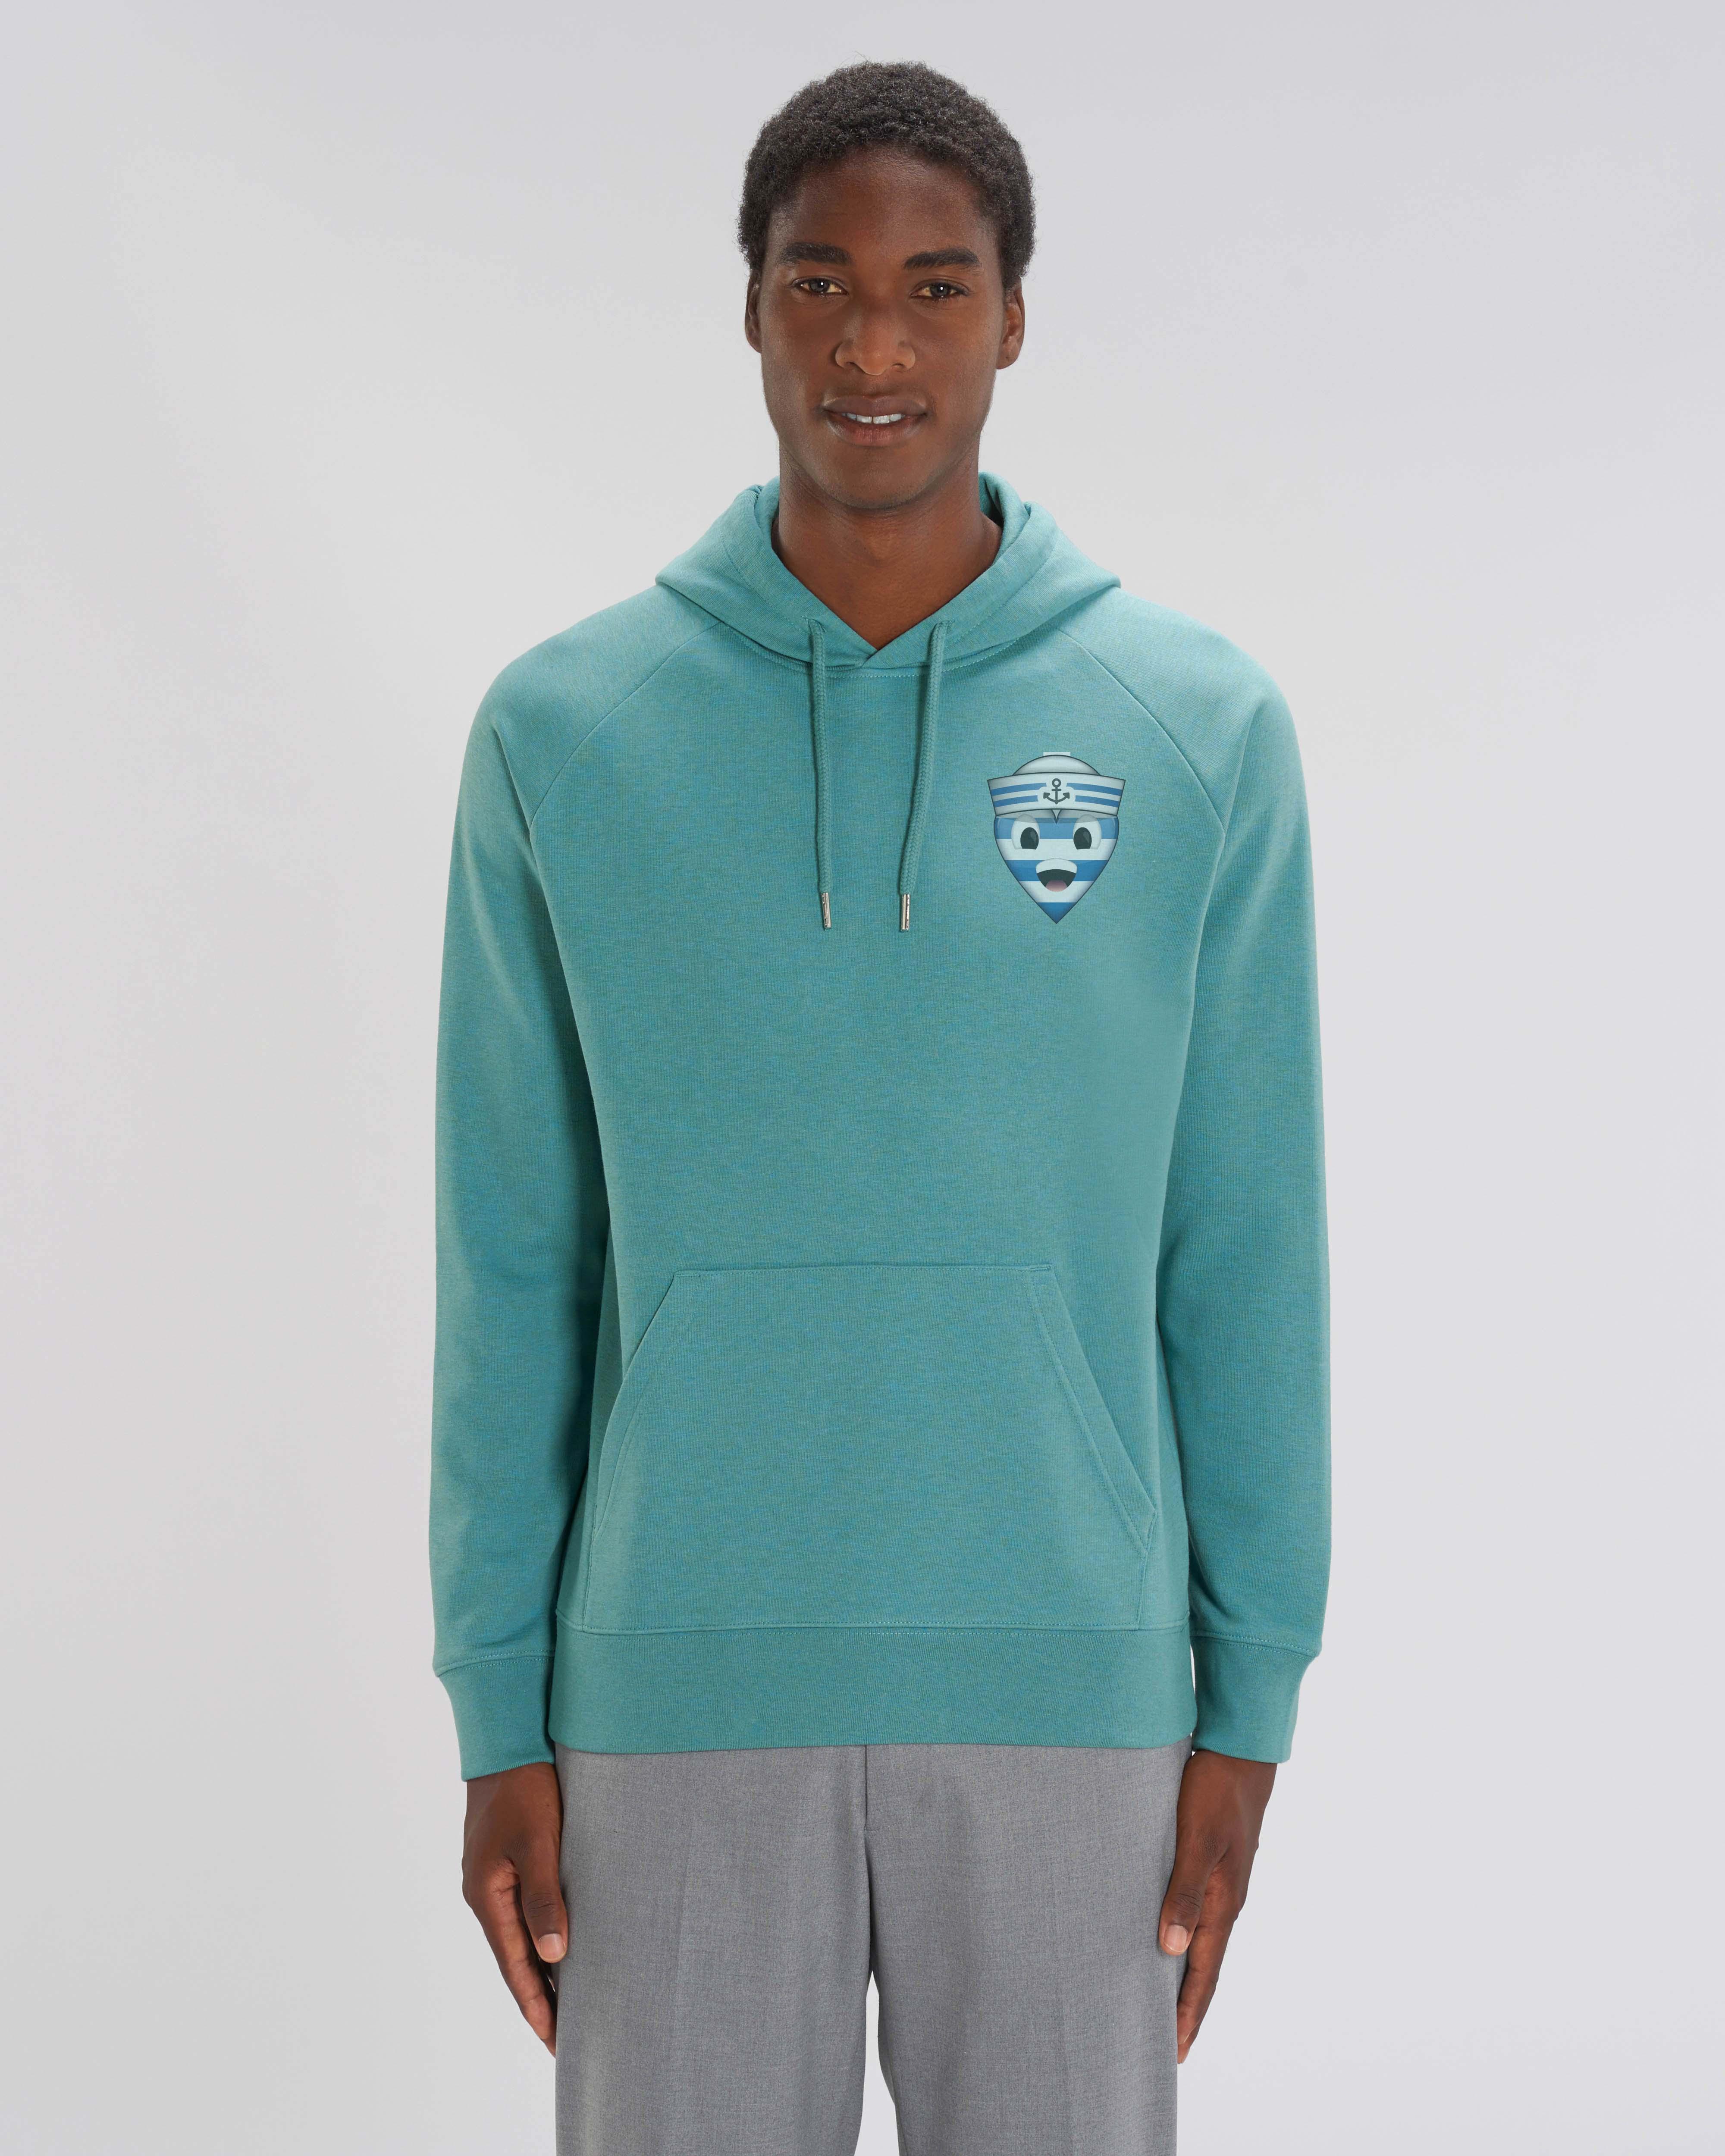 Sweat shirt à Capuche vert/bleu homme - navy hoodie